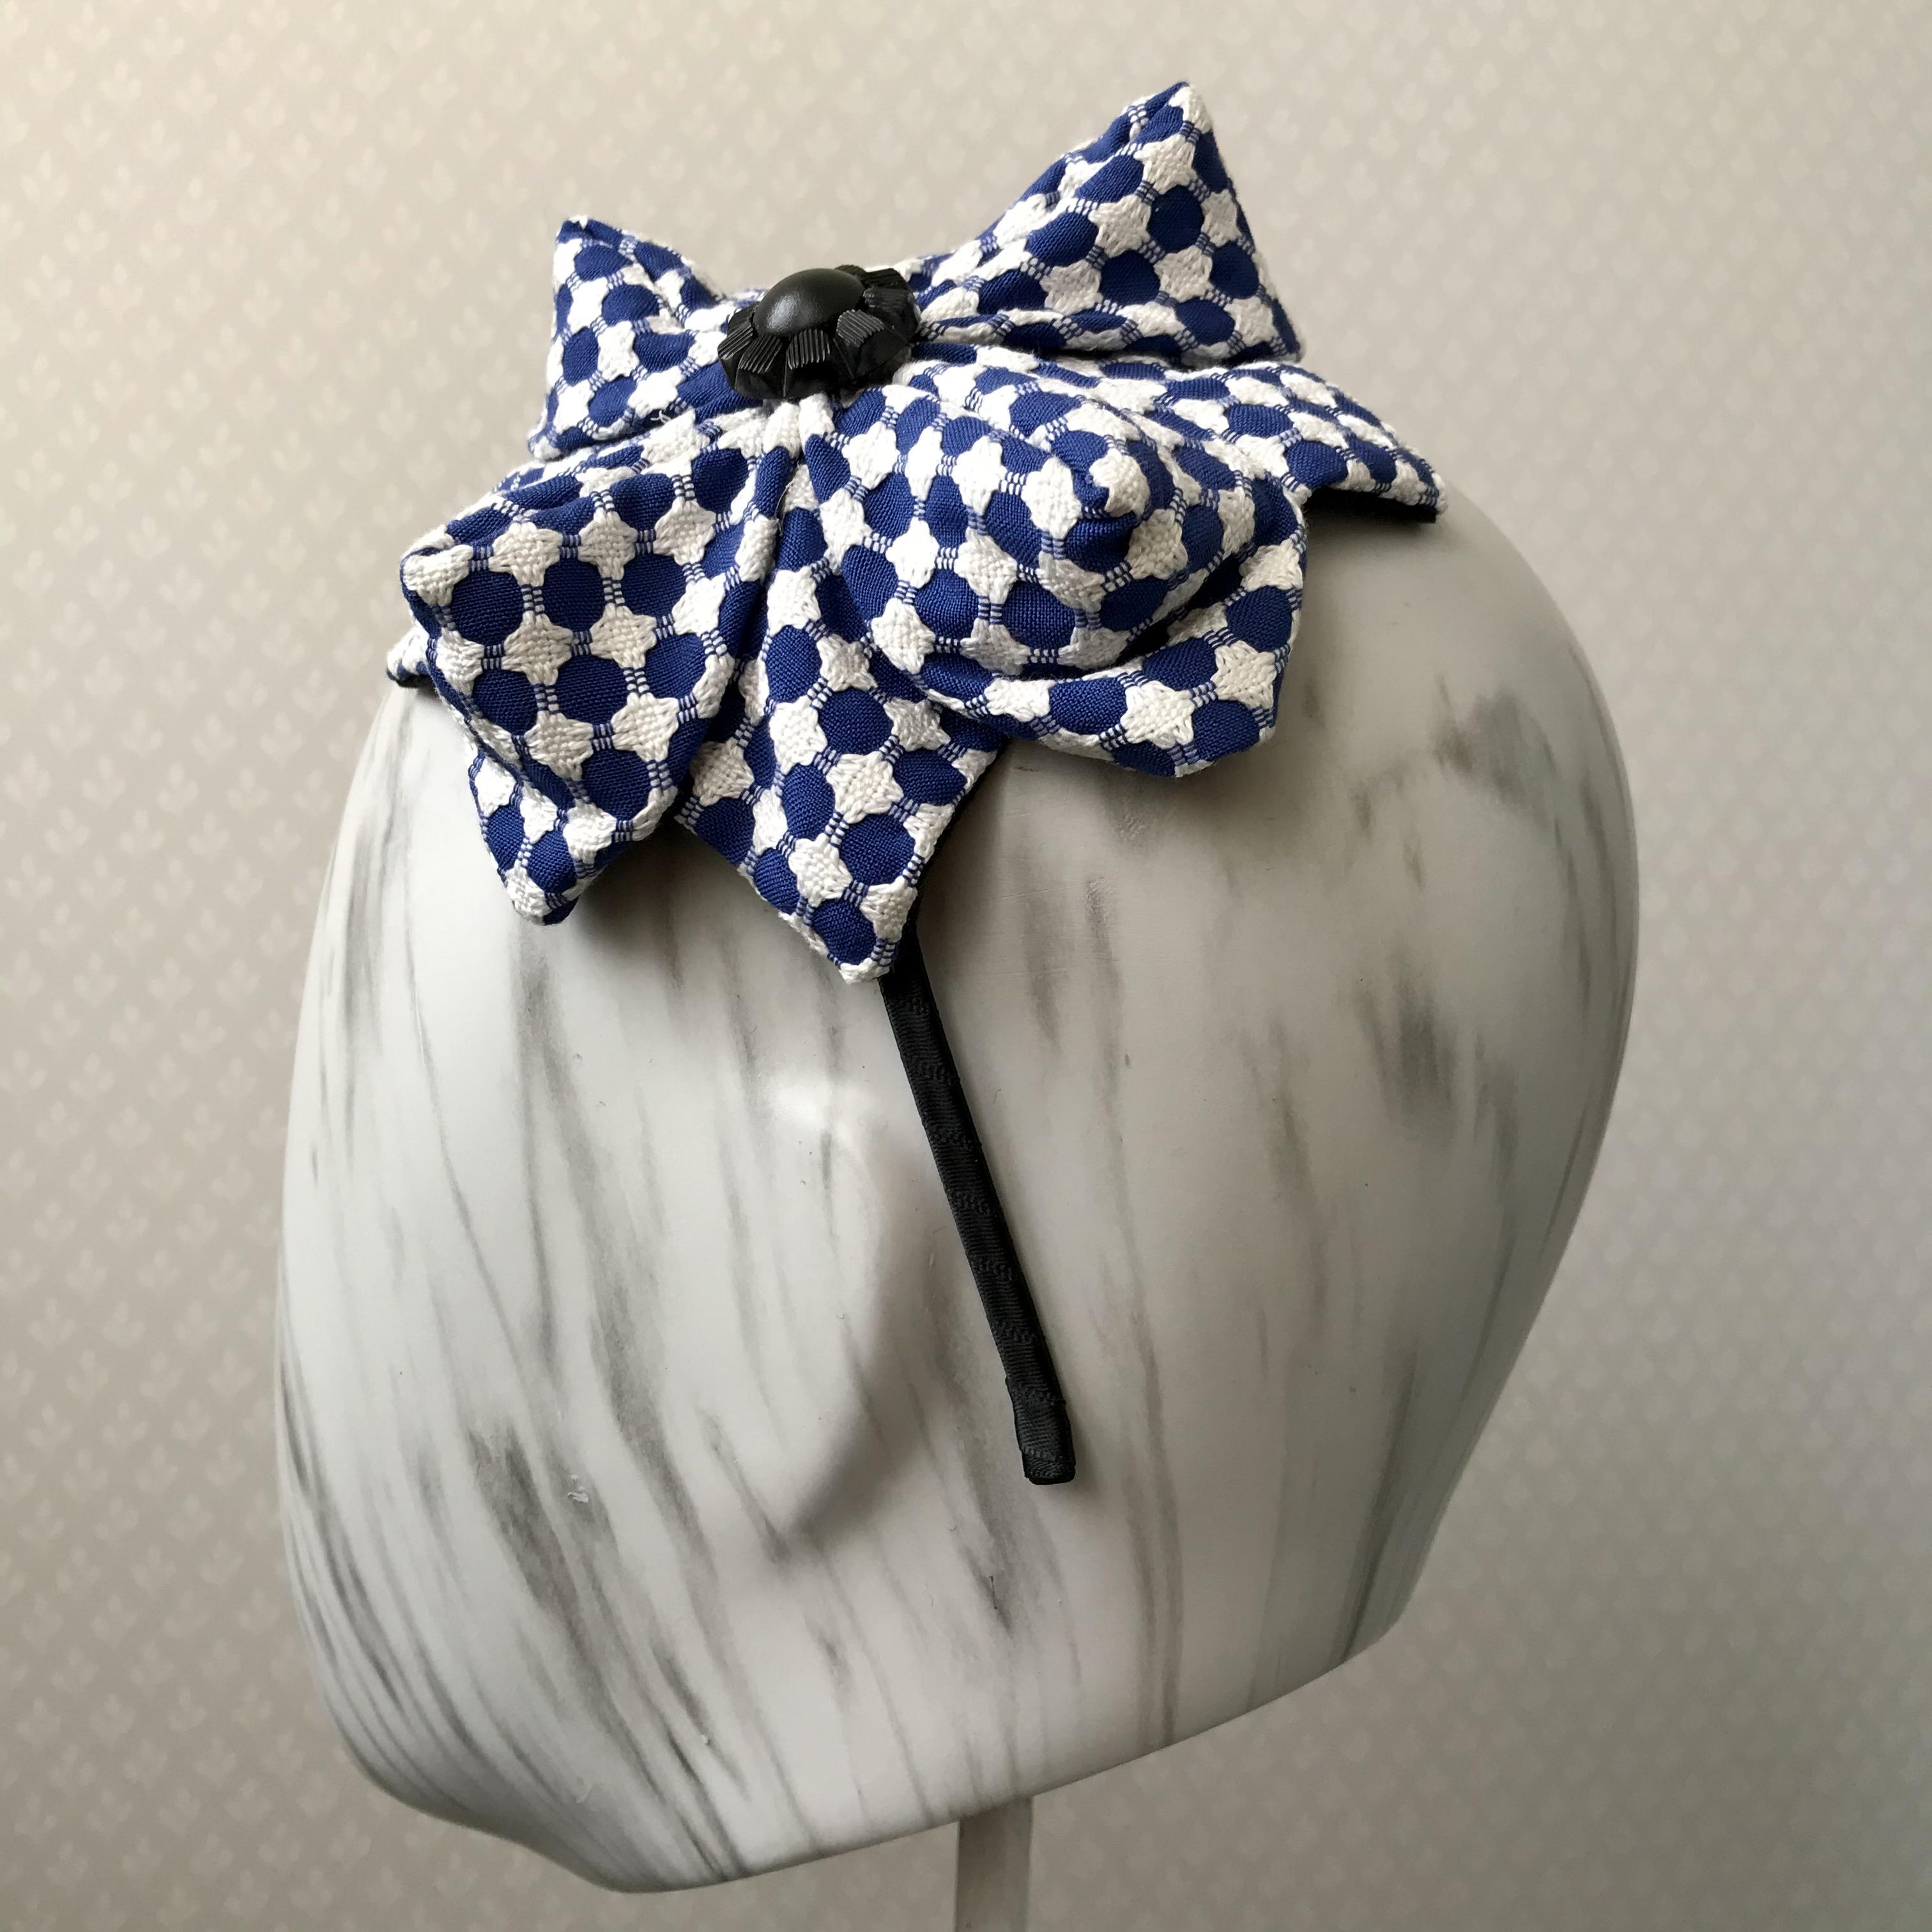 Tyra Therman: Origami-panta, sini-valkoinen mustalla napilla, ALE